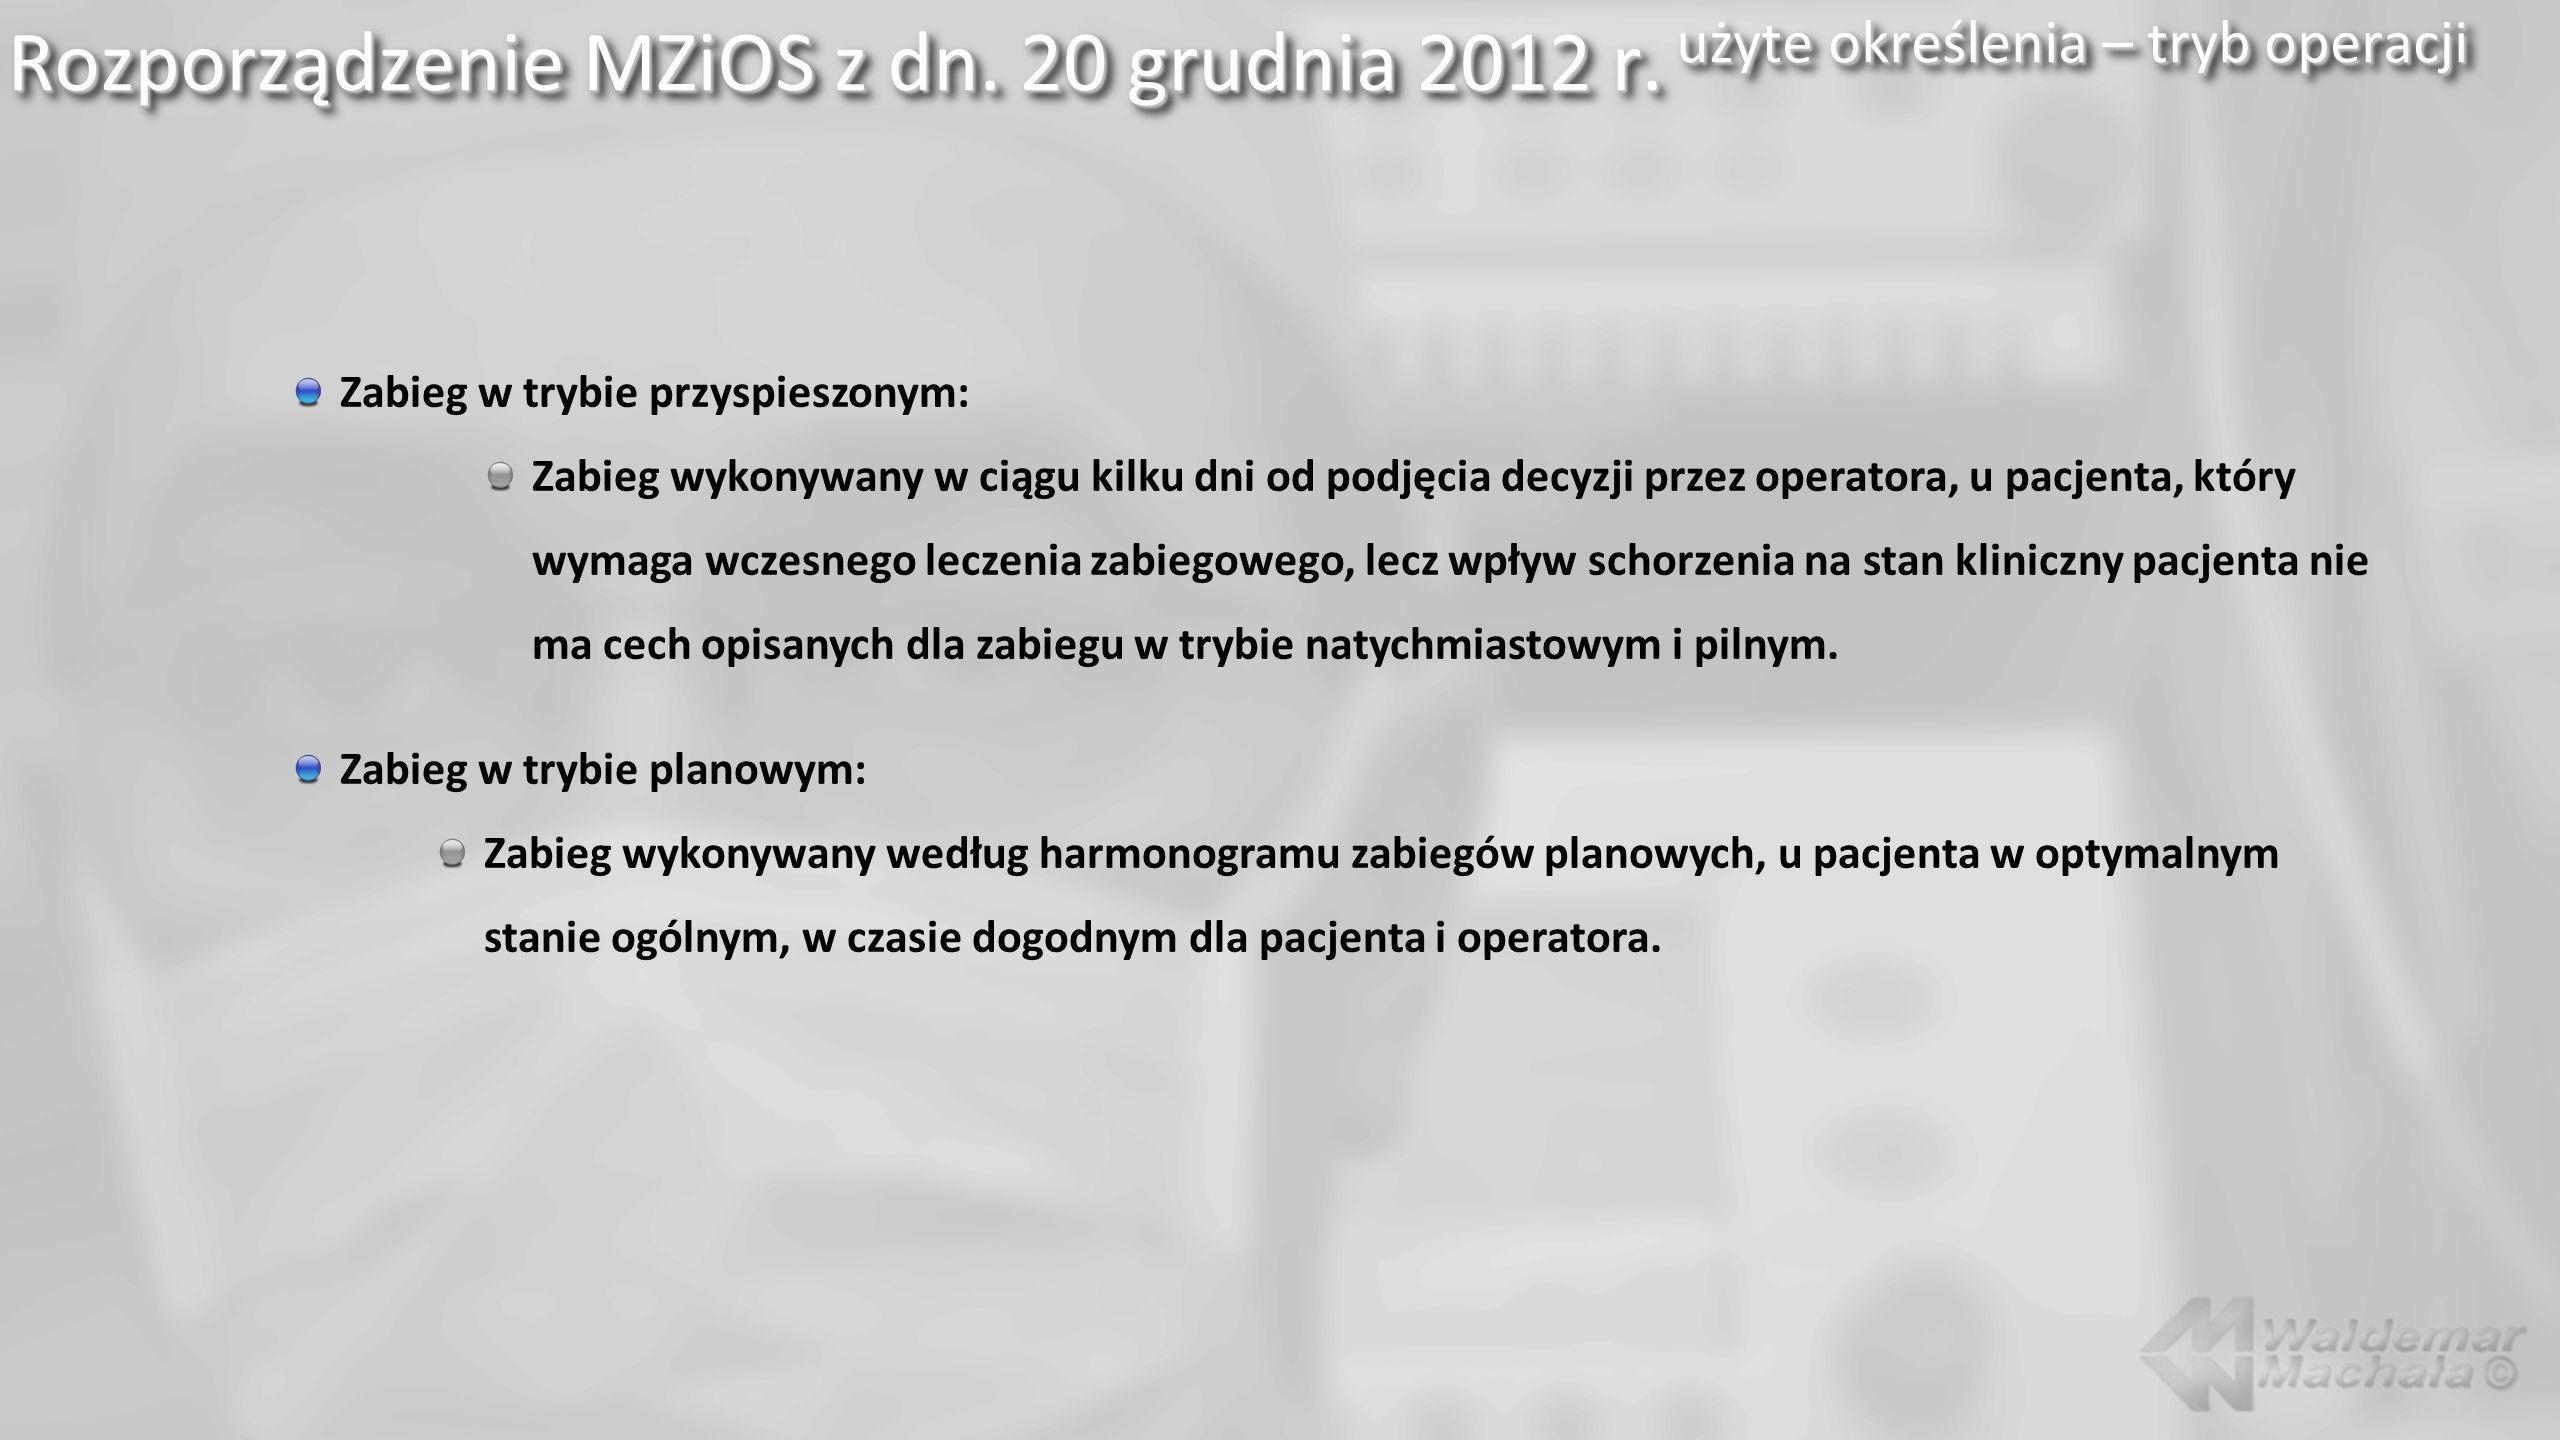 Rozporządzenie MZiOS z dn.20 grudnia 2012 r.